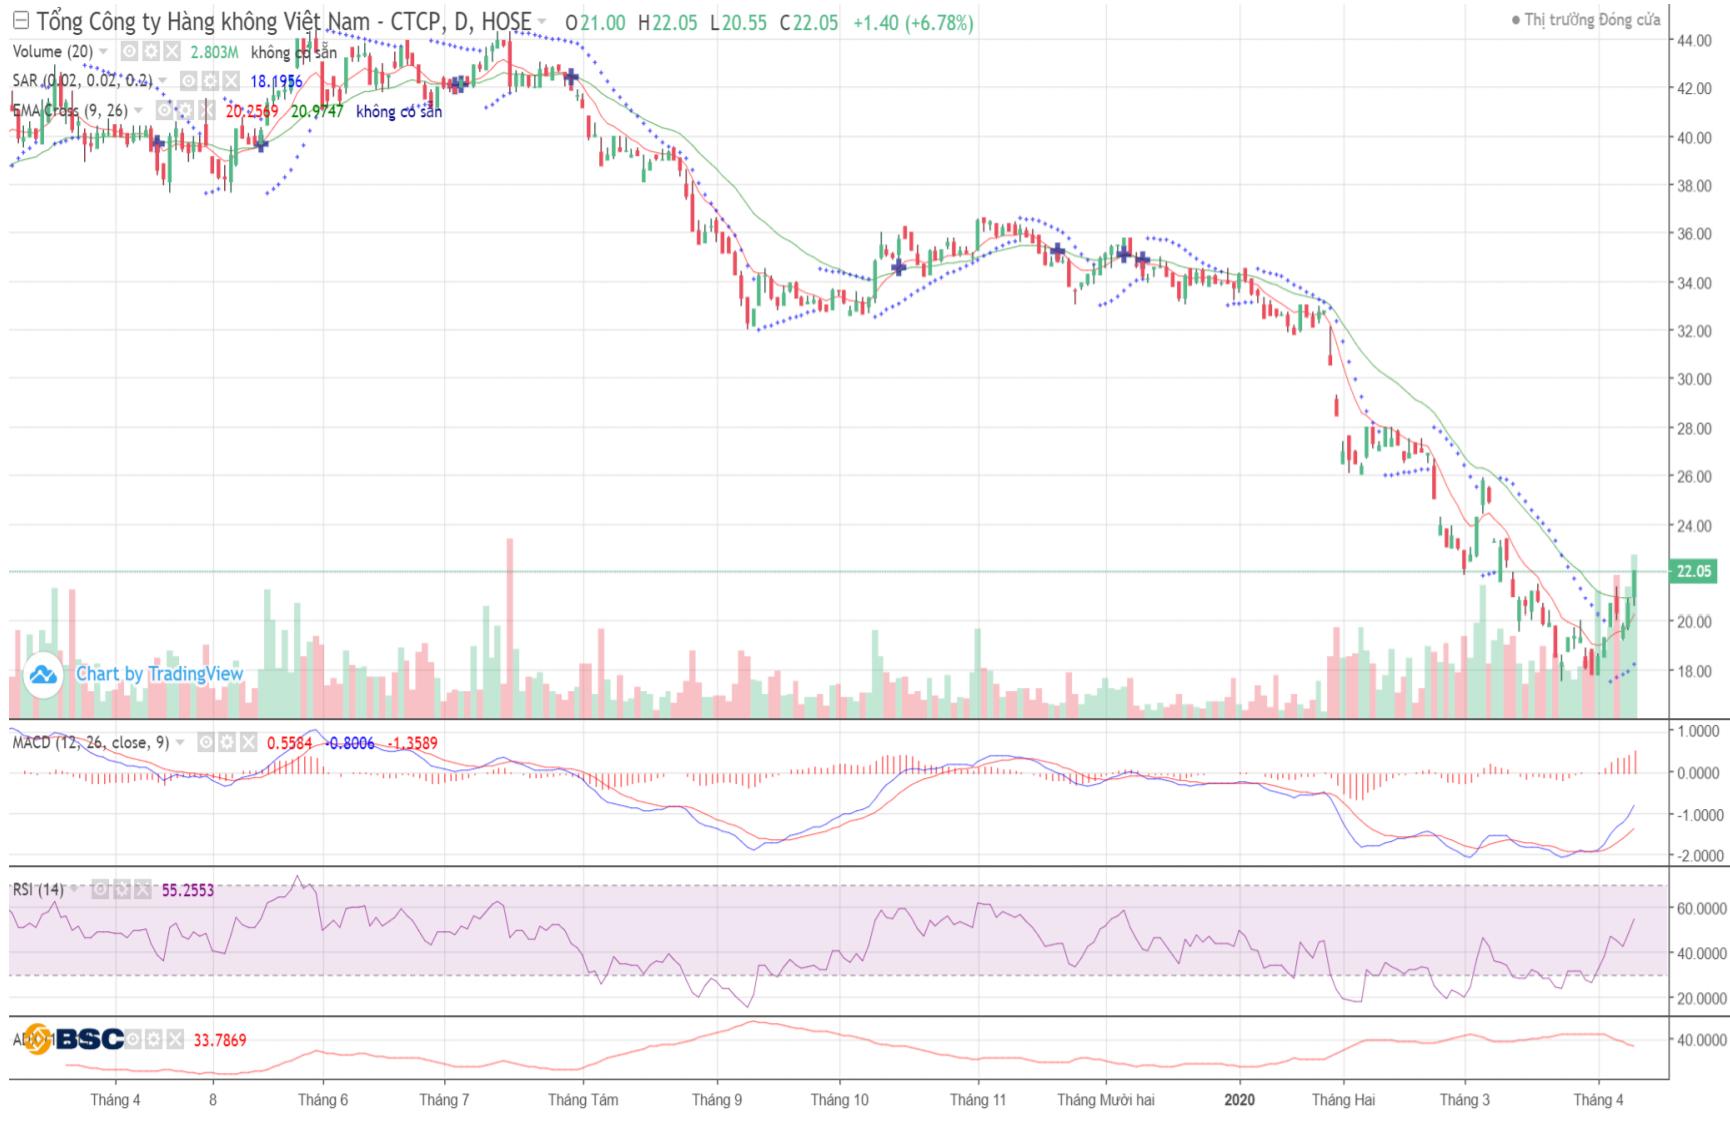 Cổ phiếu tâm điểm ngày 13/4: VJC, HVN, SHS, DHC - Ảnh 4.